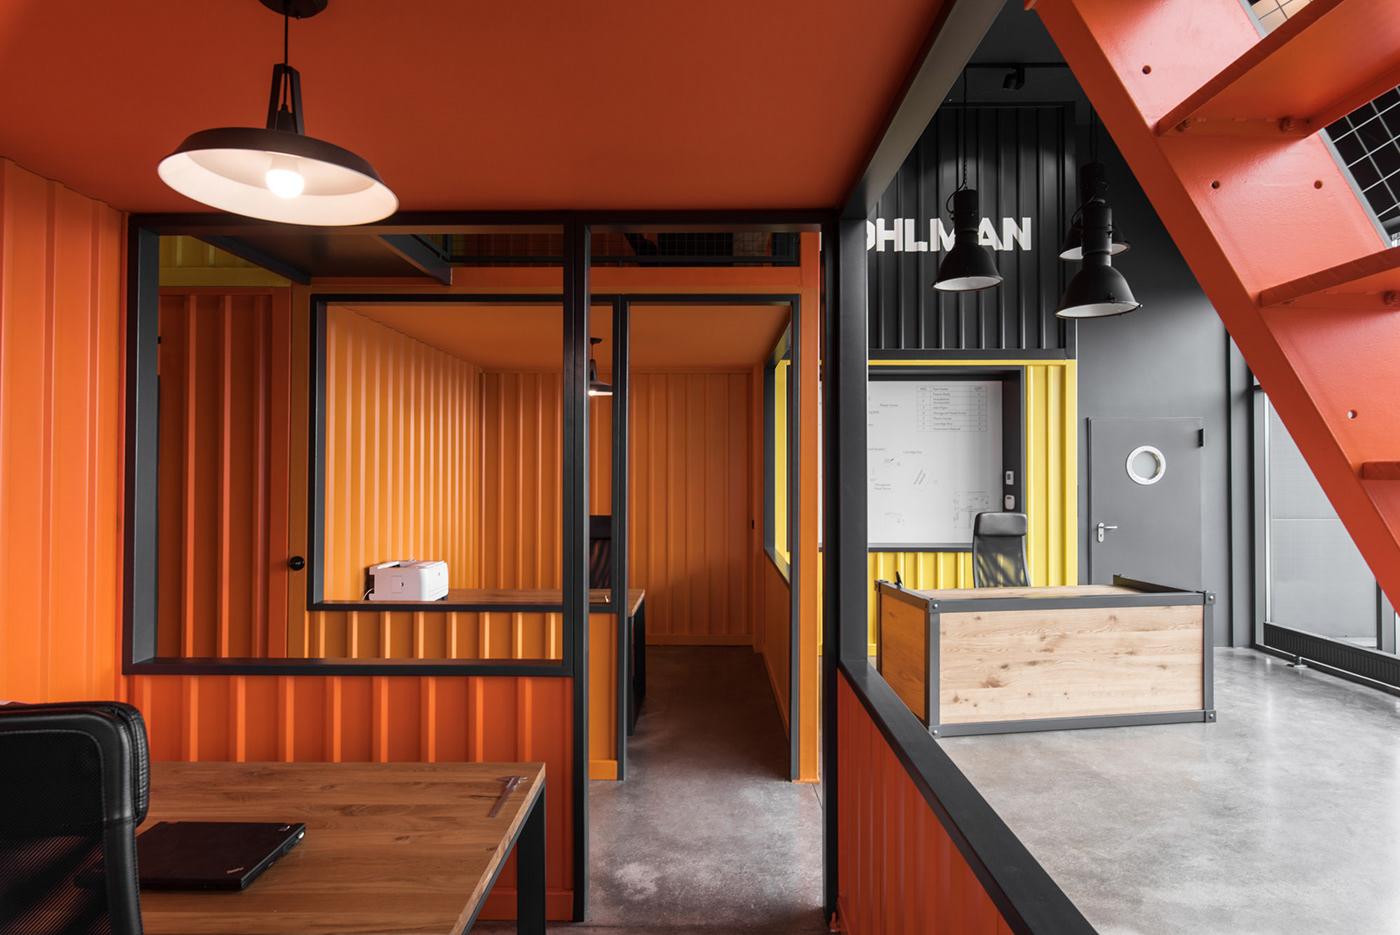 Image may contain: door, floor and indoor